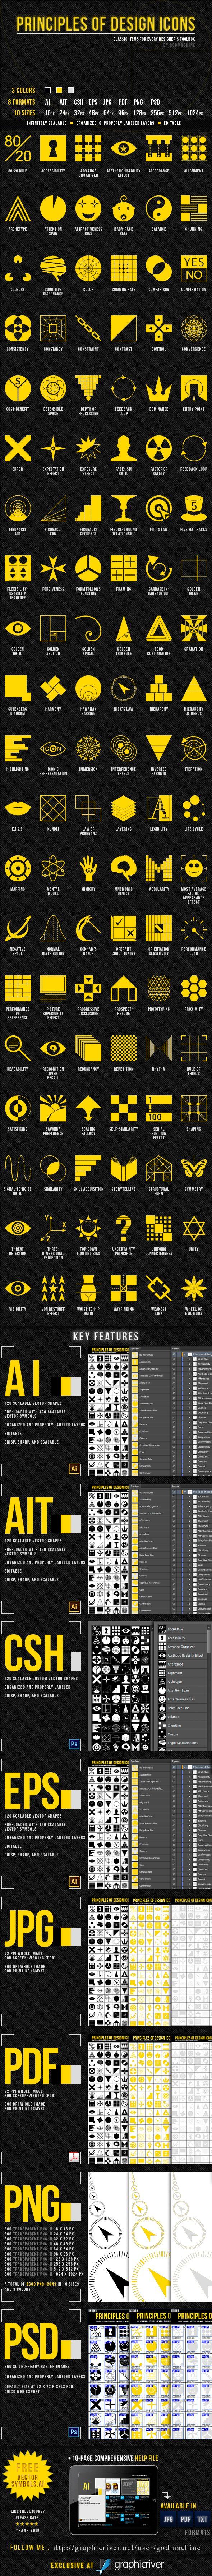 Principles of Design Icons by Jae Aquino, via Behance